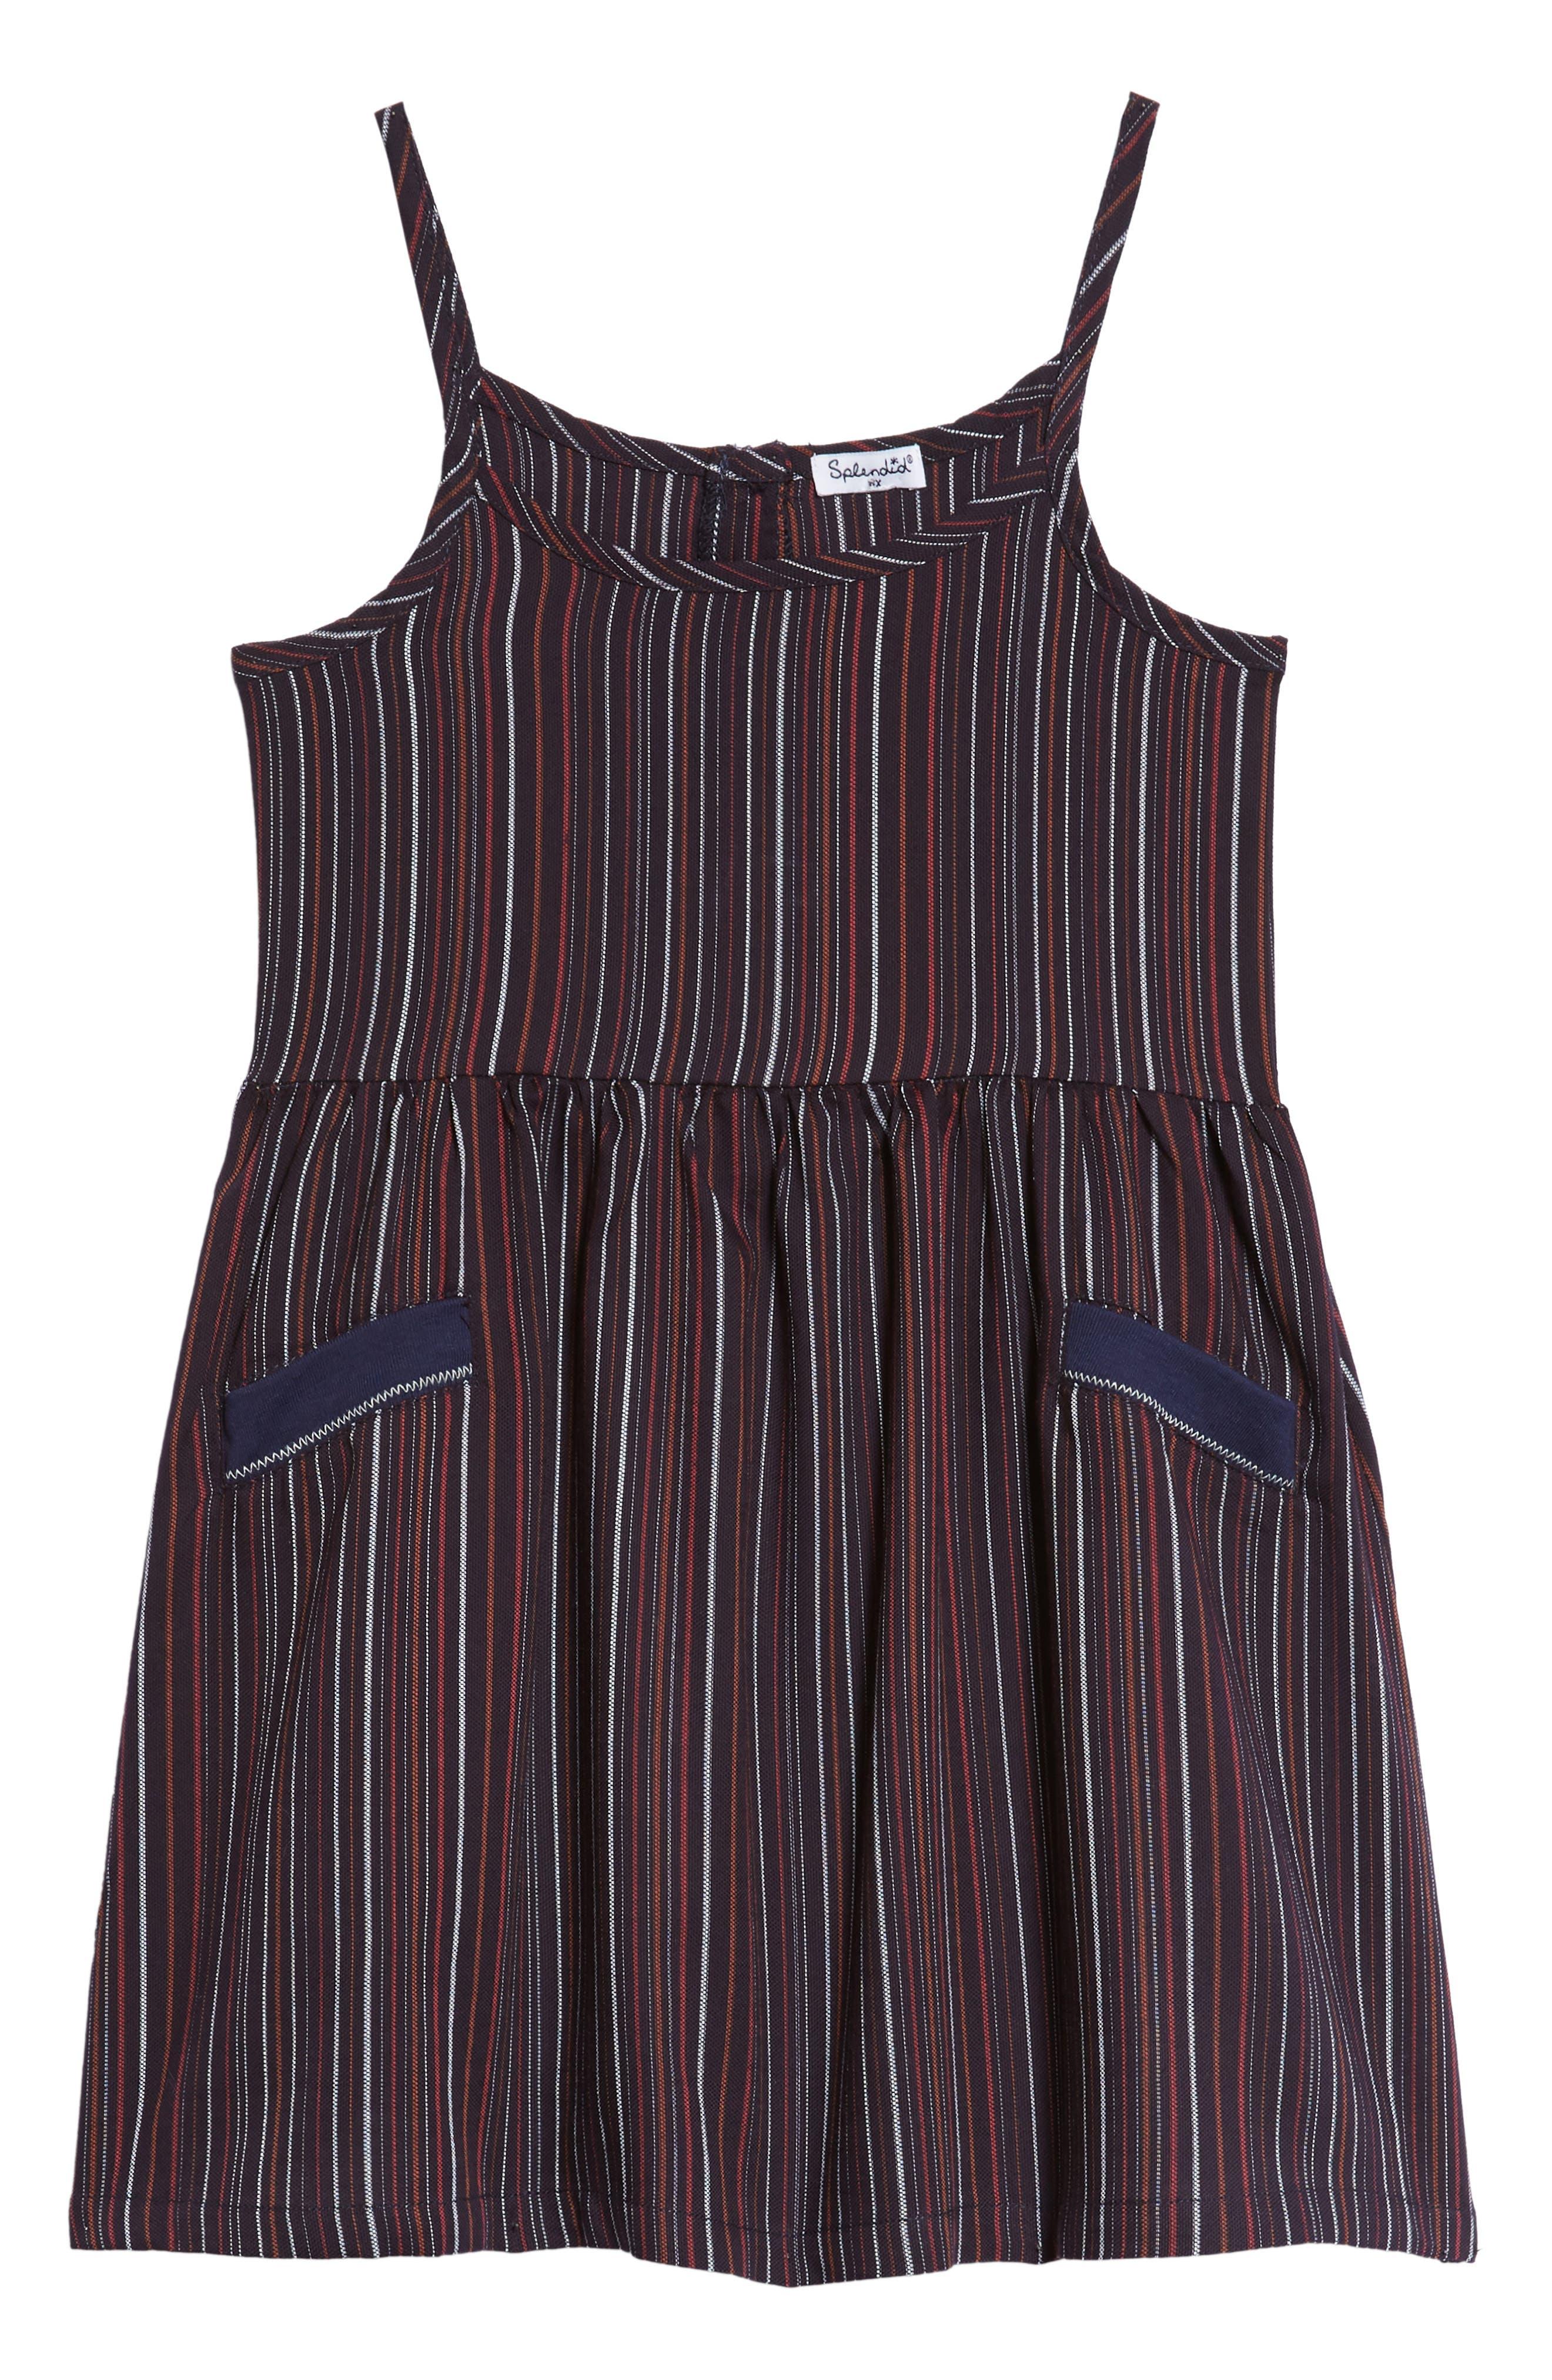 Stripe Tank Dress,                             Main thumbnail 1, color,                             410